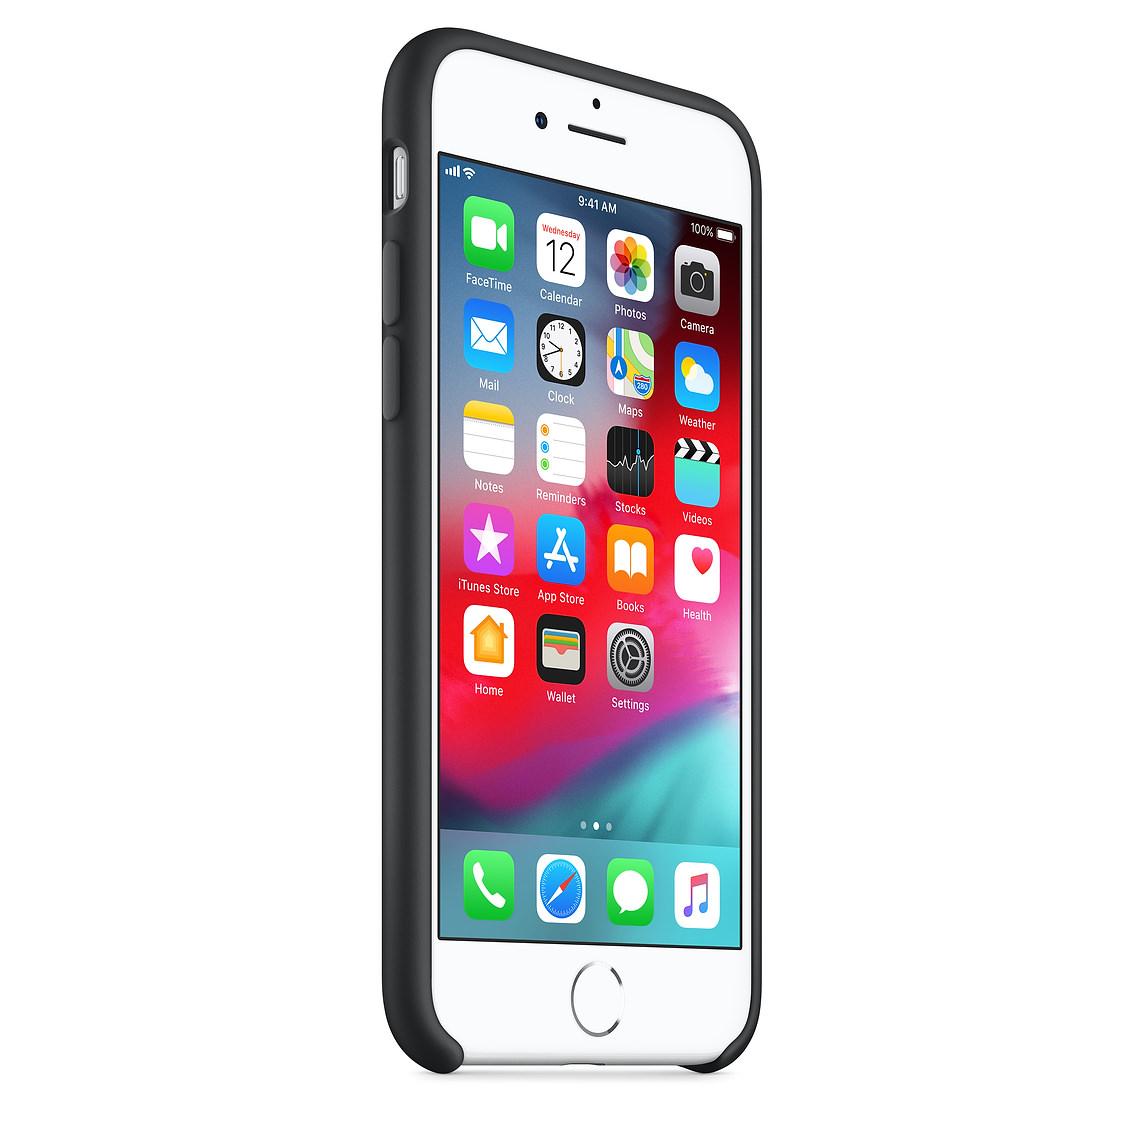 Apple silikónový obal pre iPhone SE 2020 - čierny 2